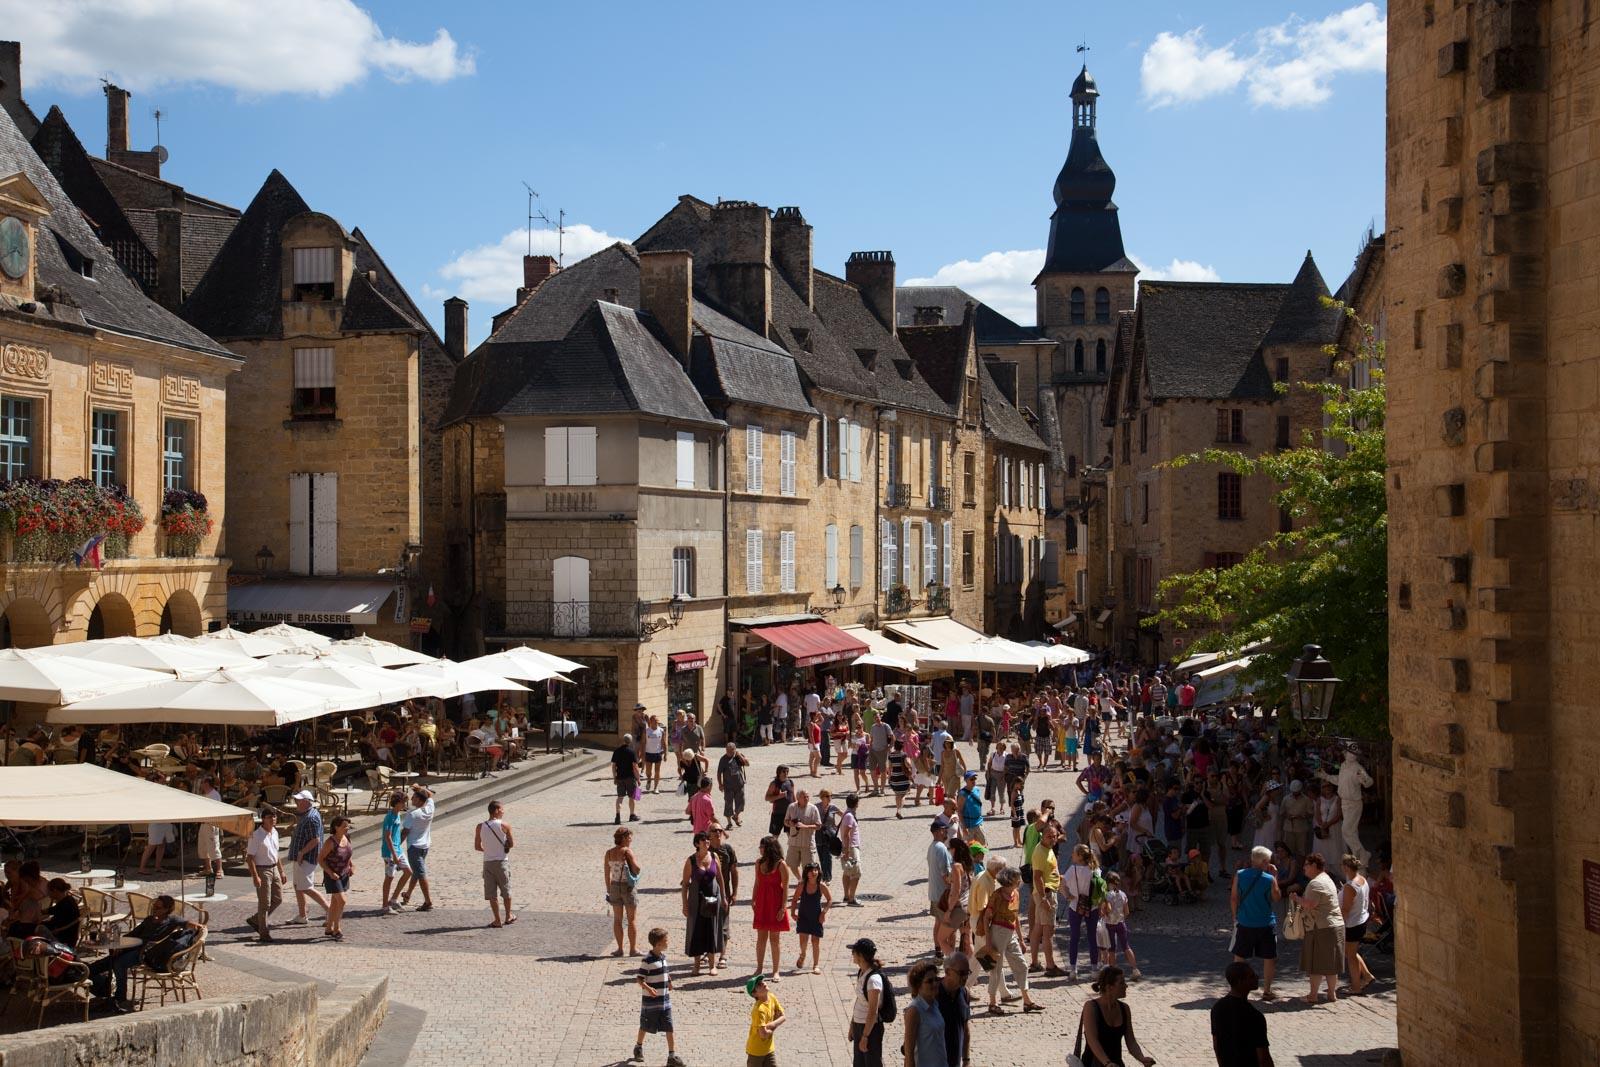 Sfeerfoto gemaakt voor Place de la Famille